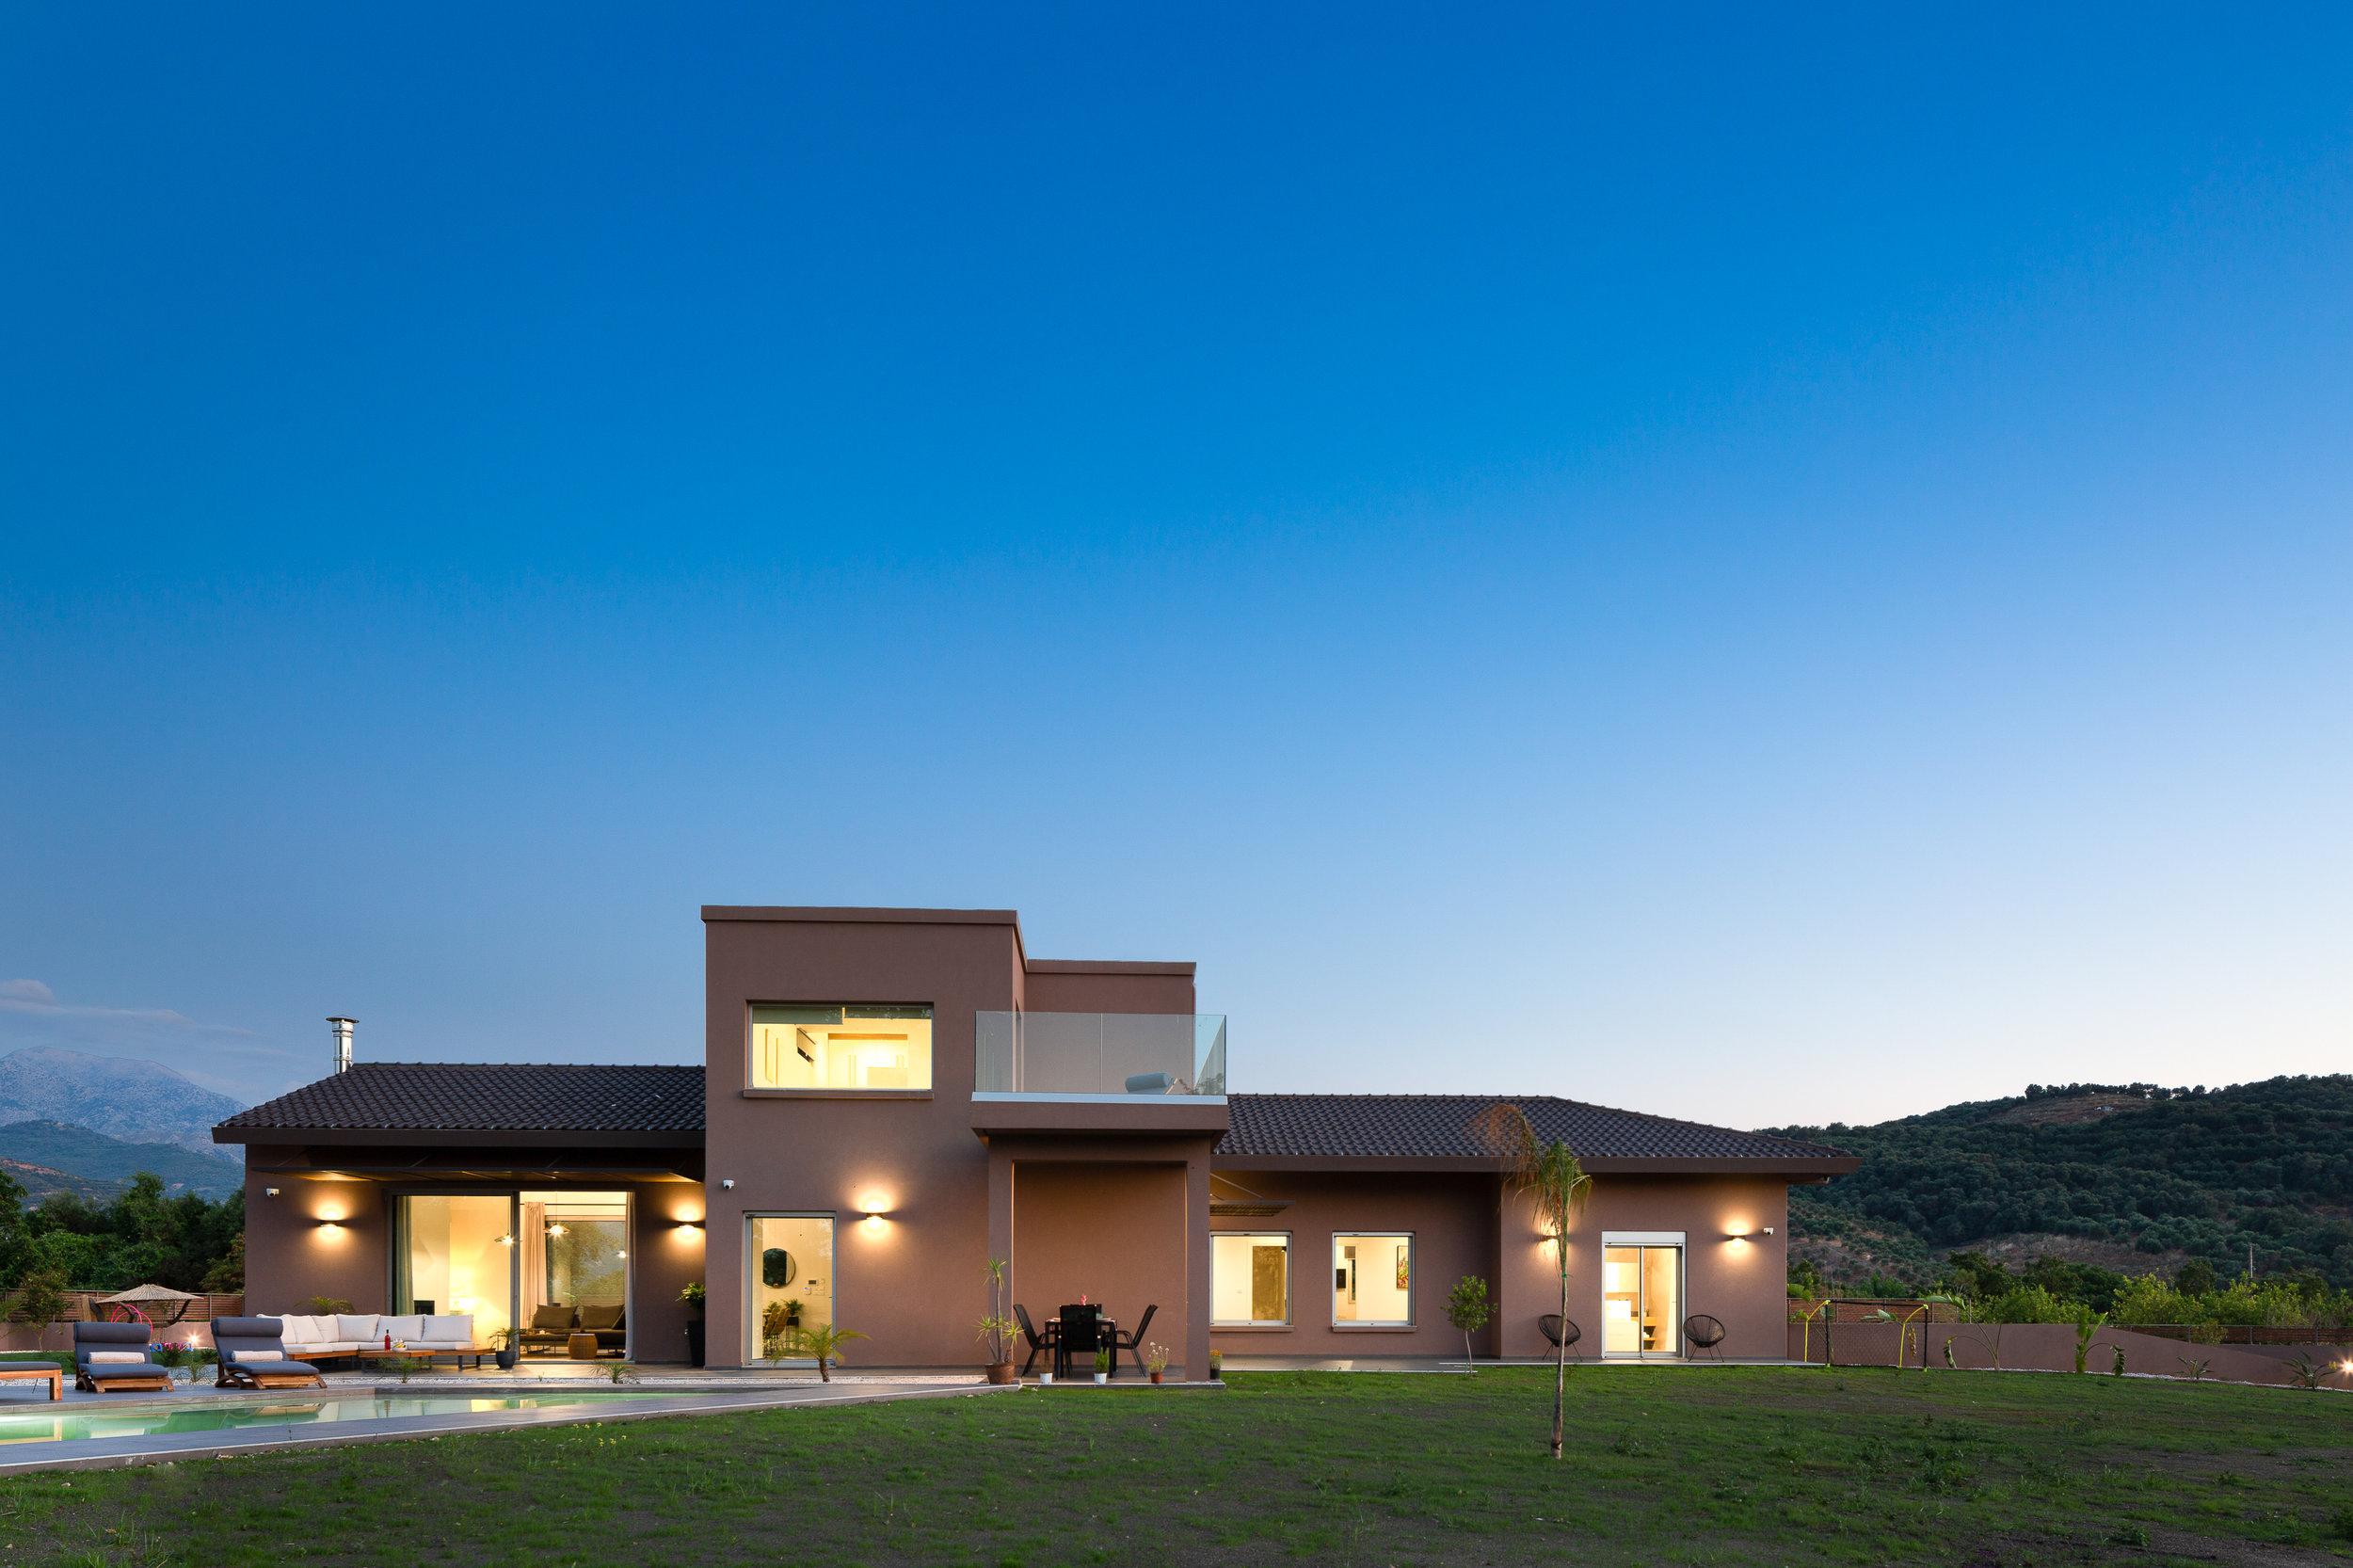 Architecture79.jpg